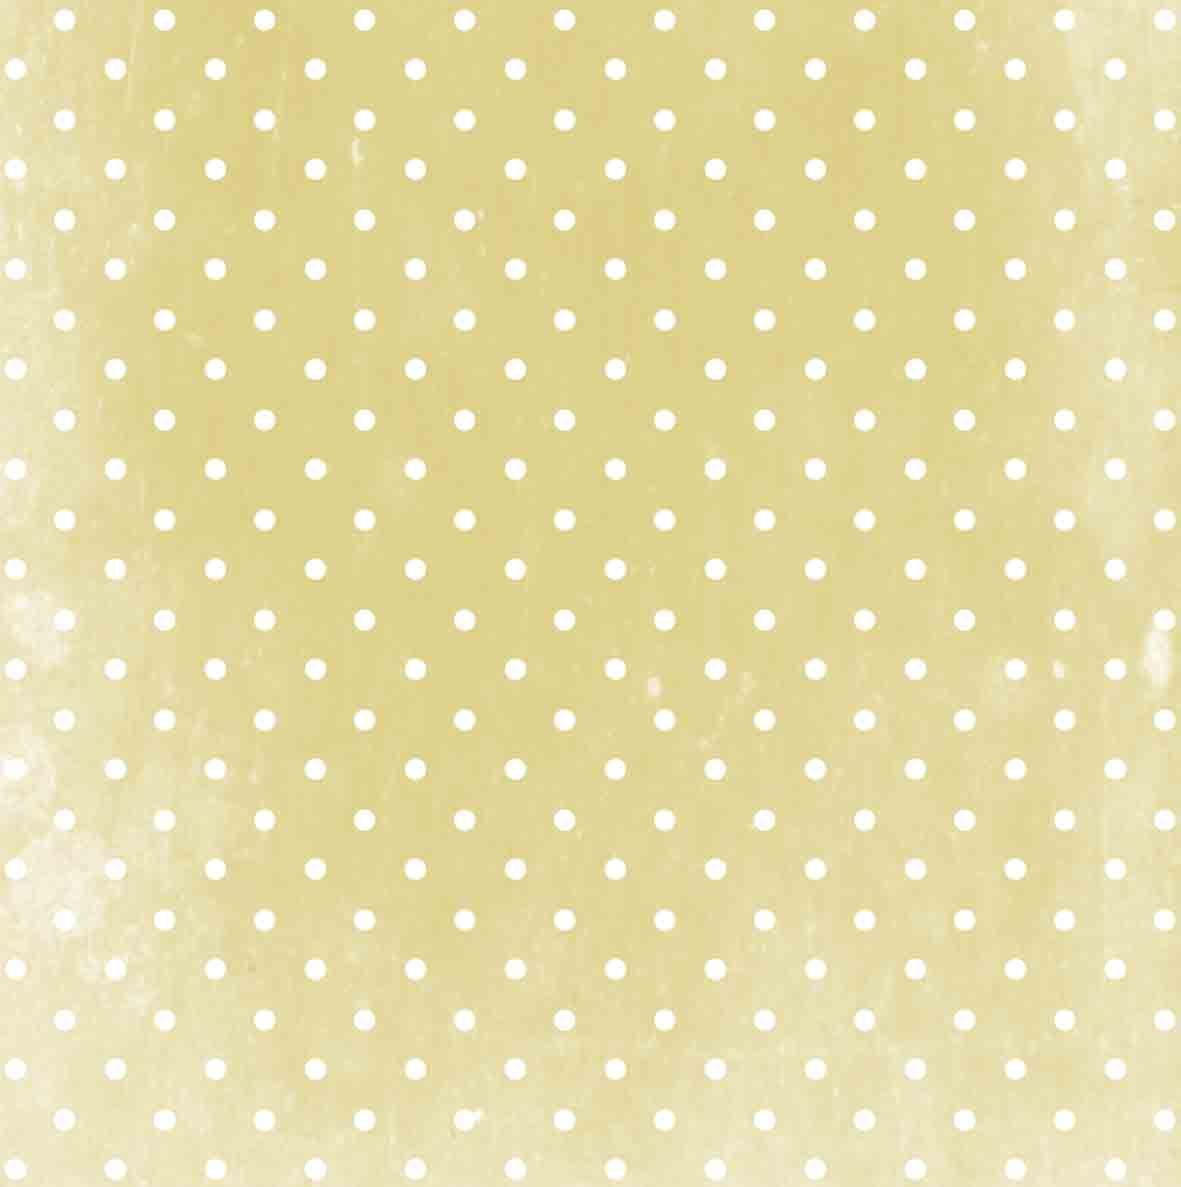 Scrapbook paper designs - Free Digital Polka Dot Scrapbooking Paper In Vintage Design Vintage P Nktchenpapier Freebie Meinlilapark